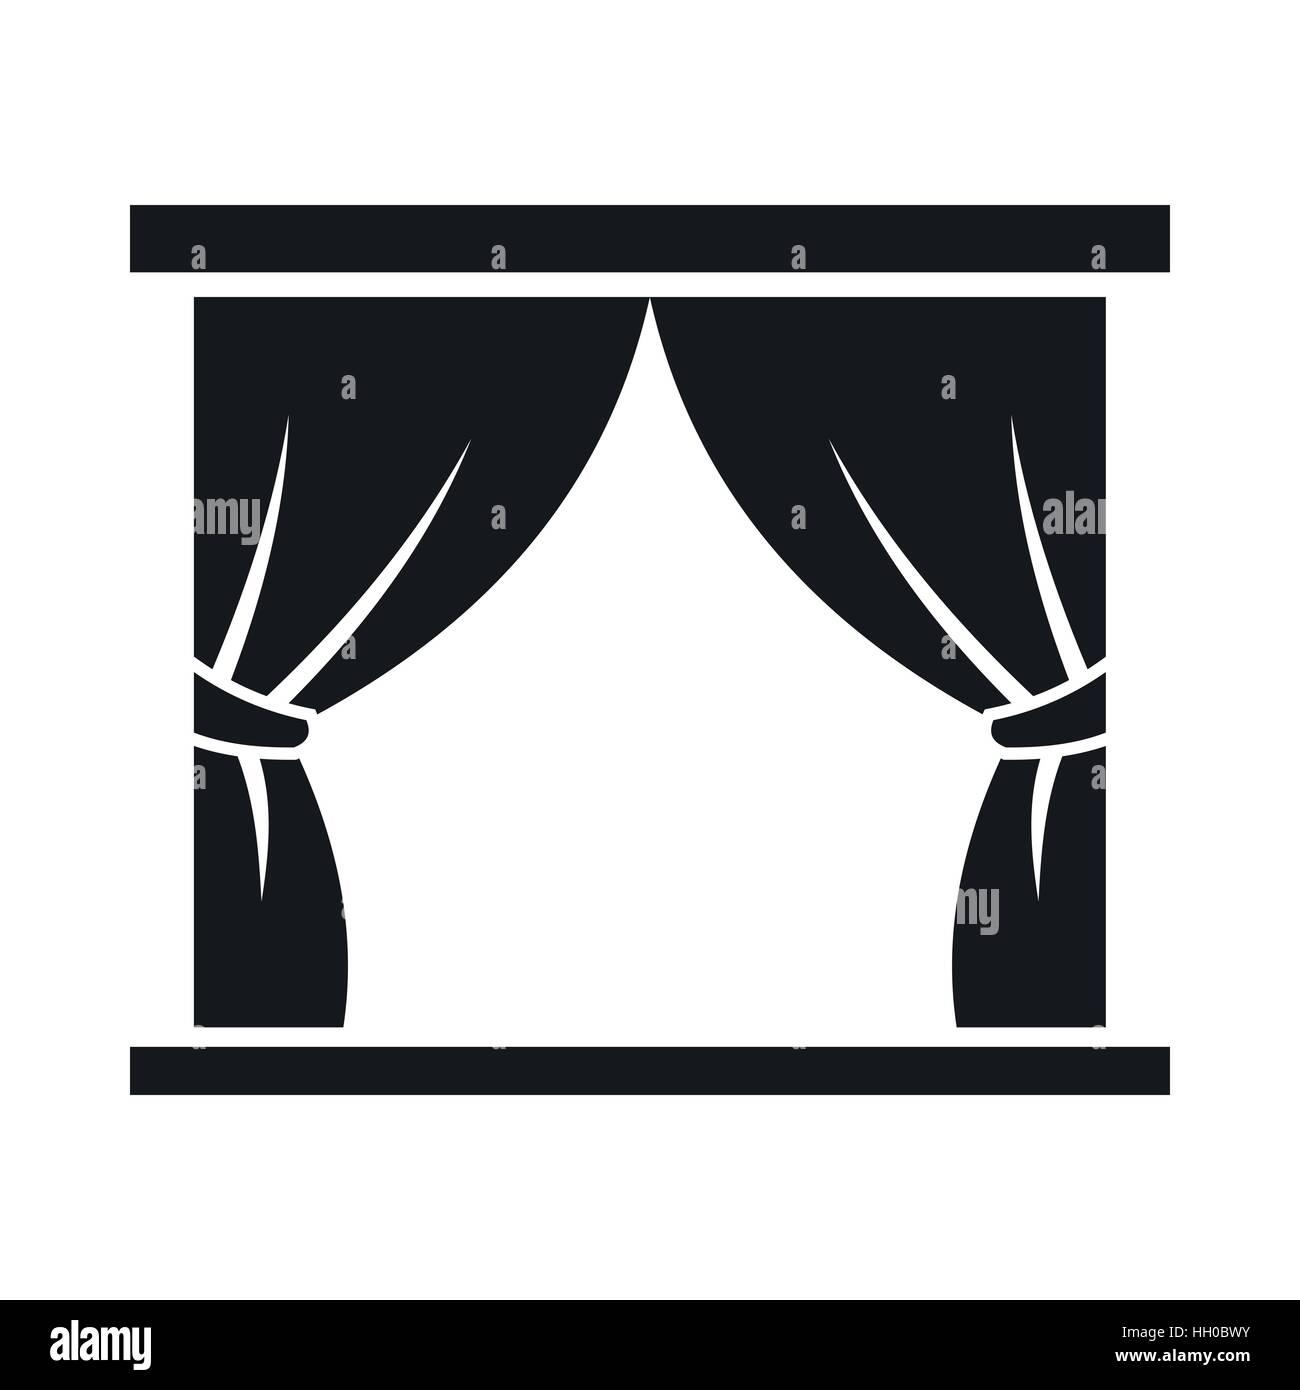 vorhang auf b hne symbol einfachen stil vektor abbildung bild 130931079 alamy. Black Bedroom Furniture Sets. Home Design Ideas